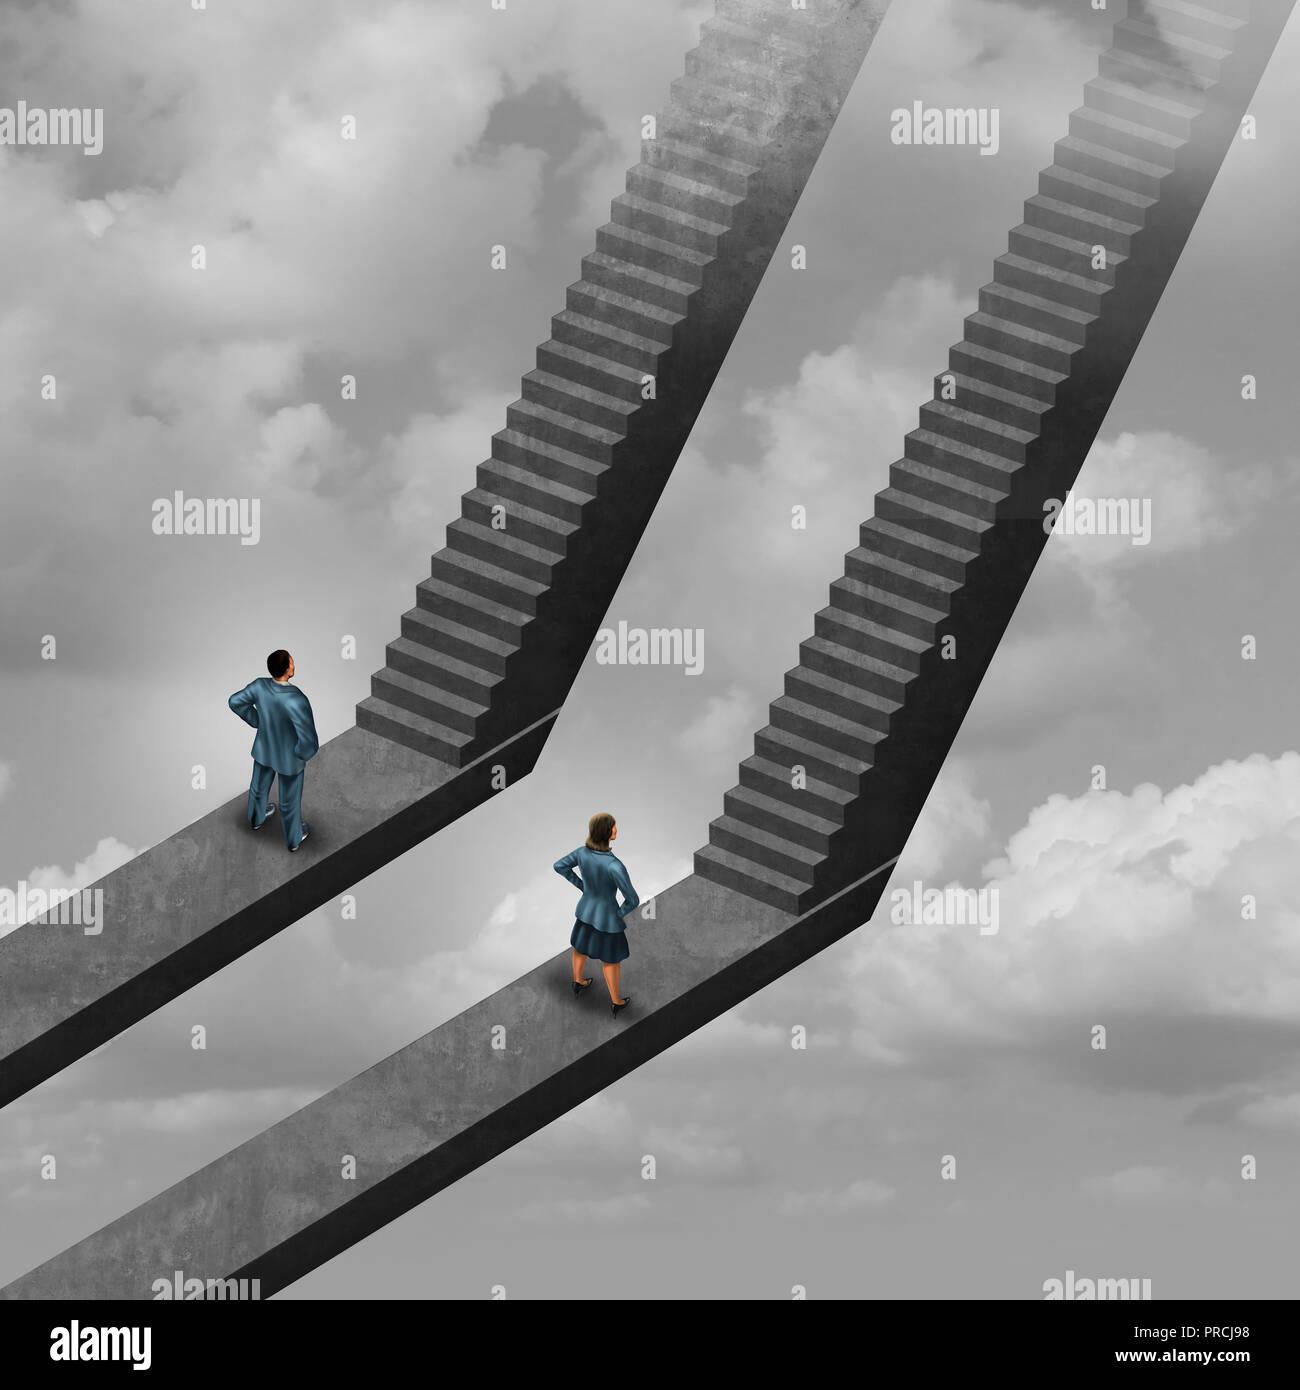 L'égalité La diversité en milieu de travail les travailleurs comme un businessman and businesswoman face escaliers comme un symbole de l'égalité des chances sur le lieu de travail ou de l'employé. Photo Stock